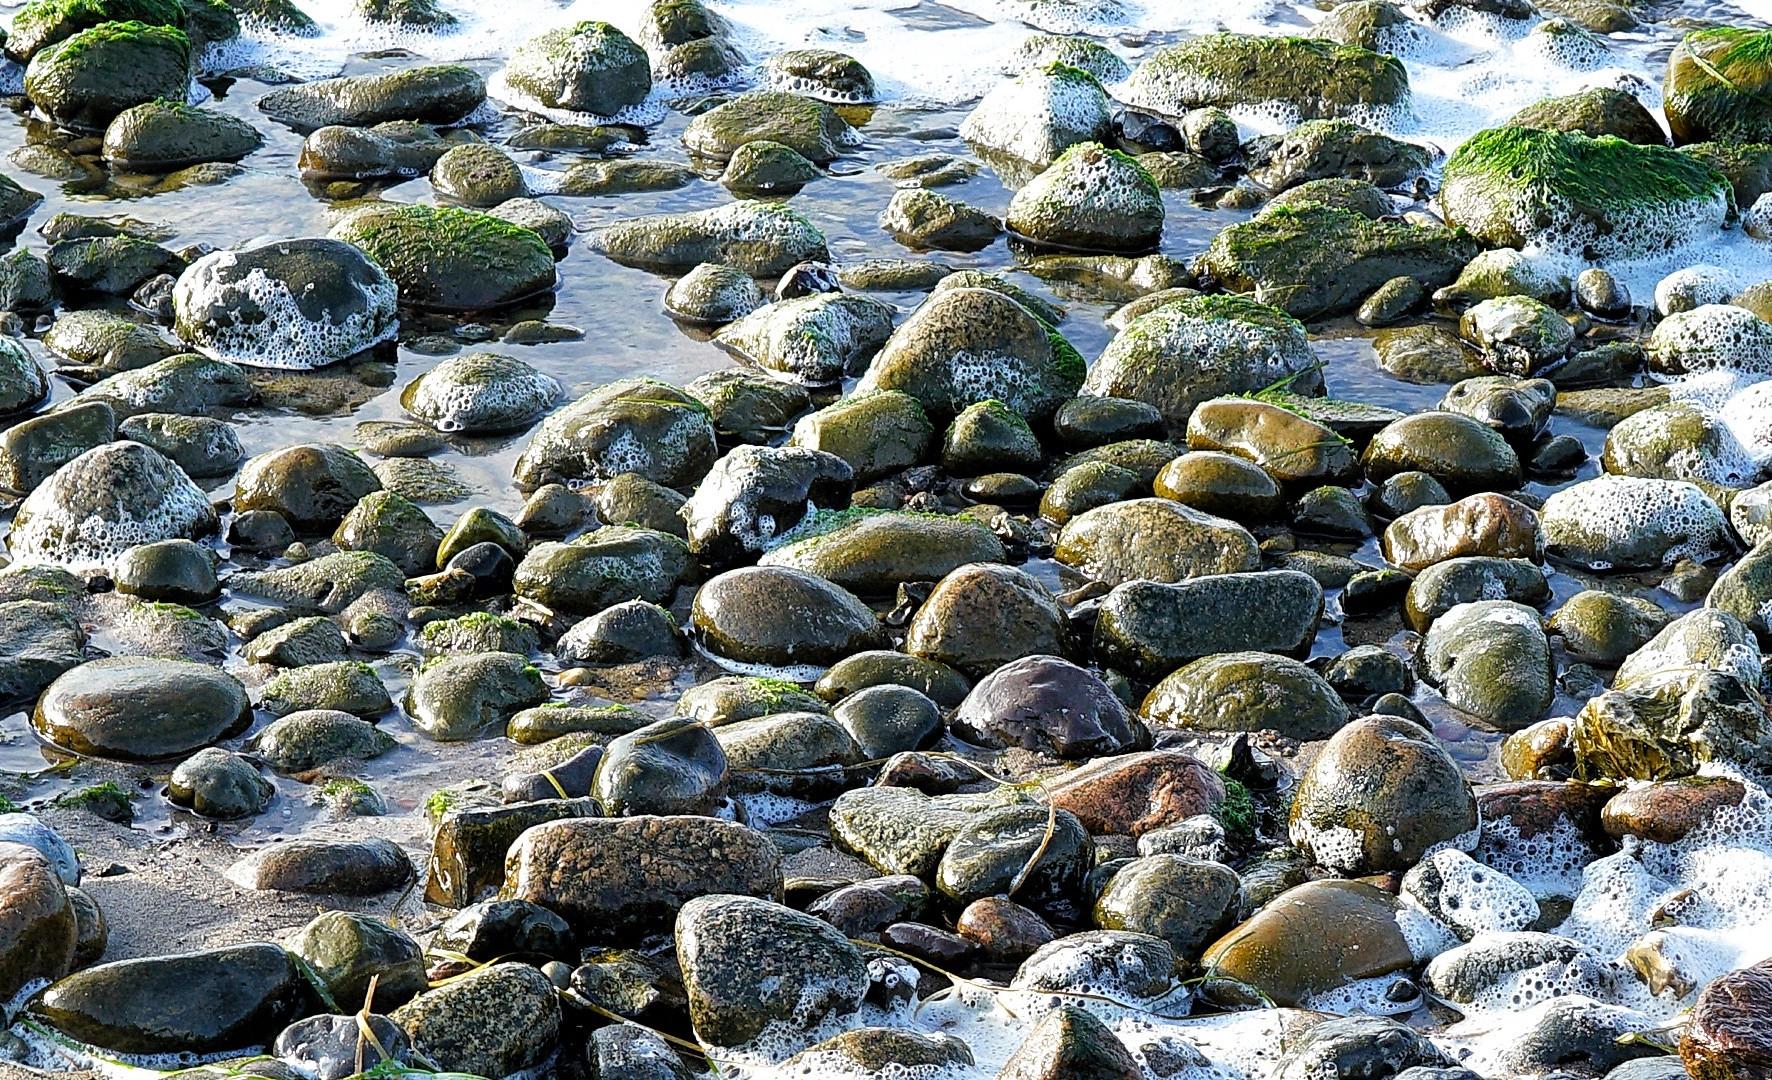 Wer findet den interessantesten Stein?